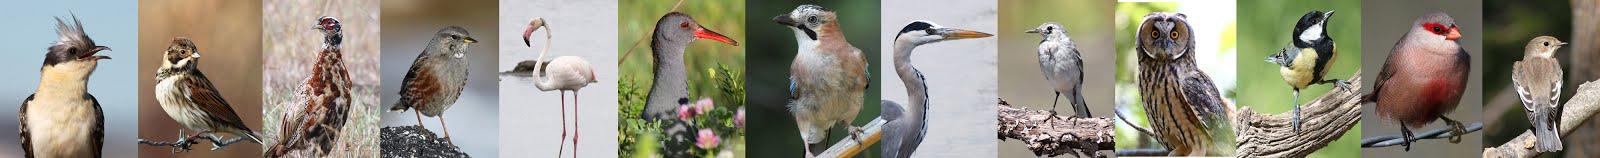 Aves - tira